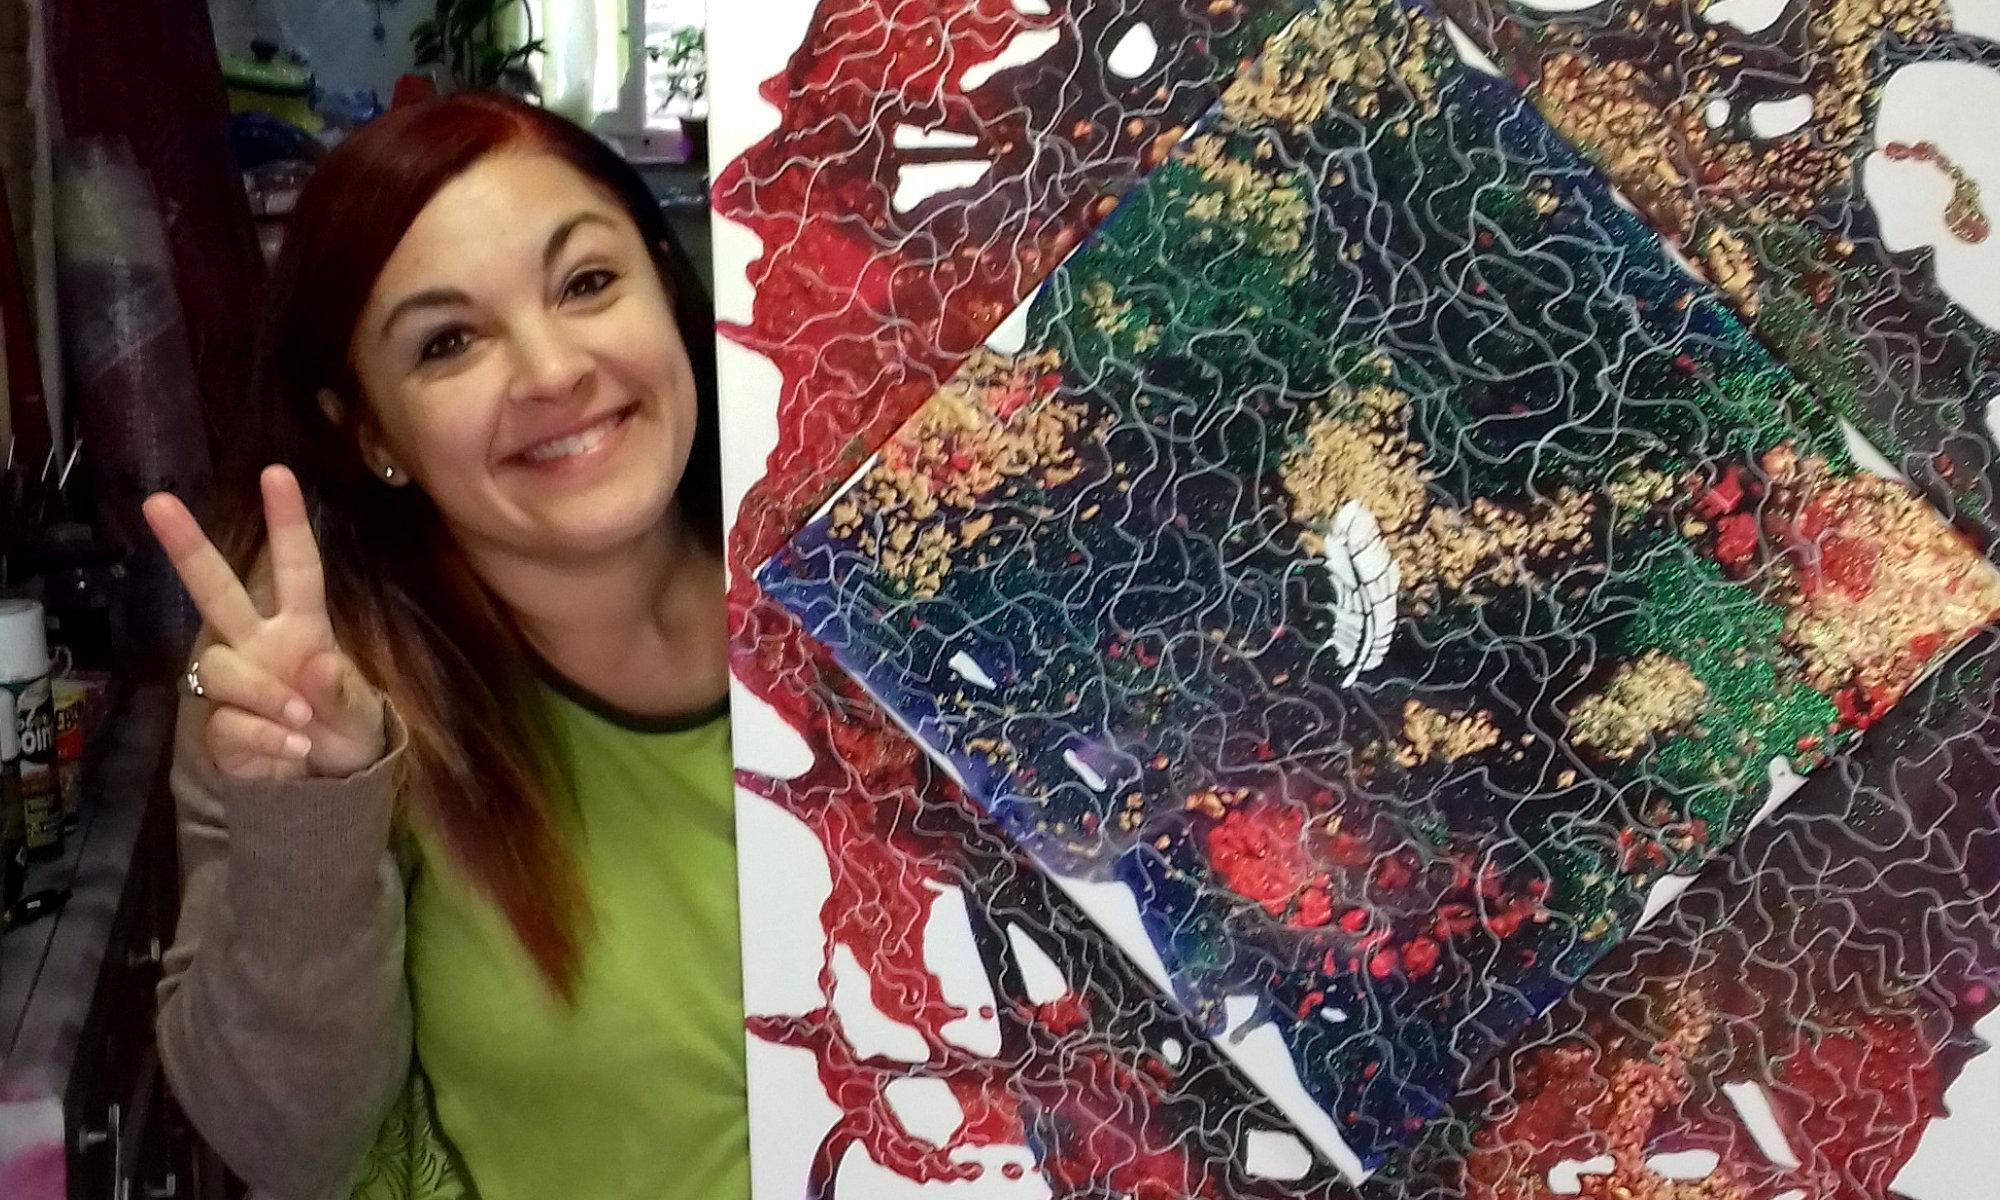 """Alice Piazza - Pittrice e Fondatrice del Movimento Arte Spirituale e di """"Albero & Anima"""". """"Sono una pittrice autodidatta e dipingo """"Tele Spirituali"""" che aiutano le persone a lavorare sulla propria crescita personale."""""""